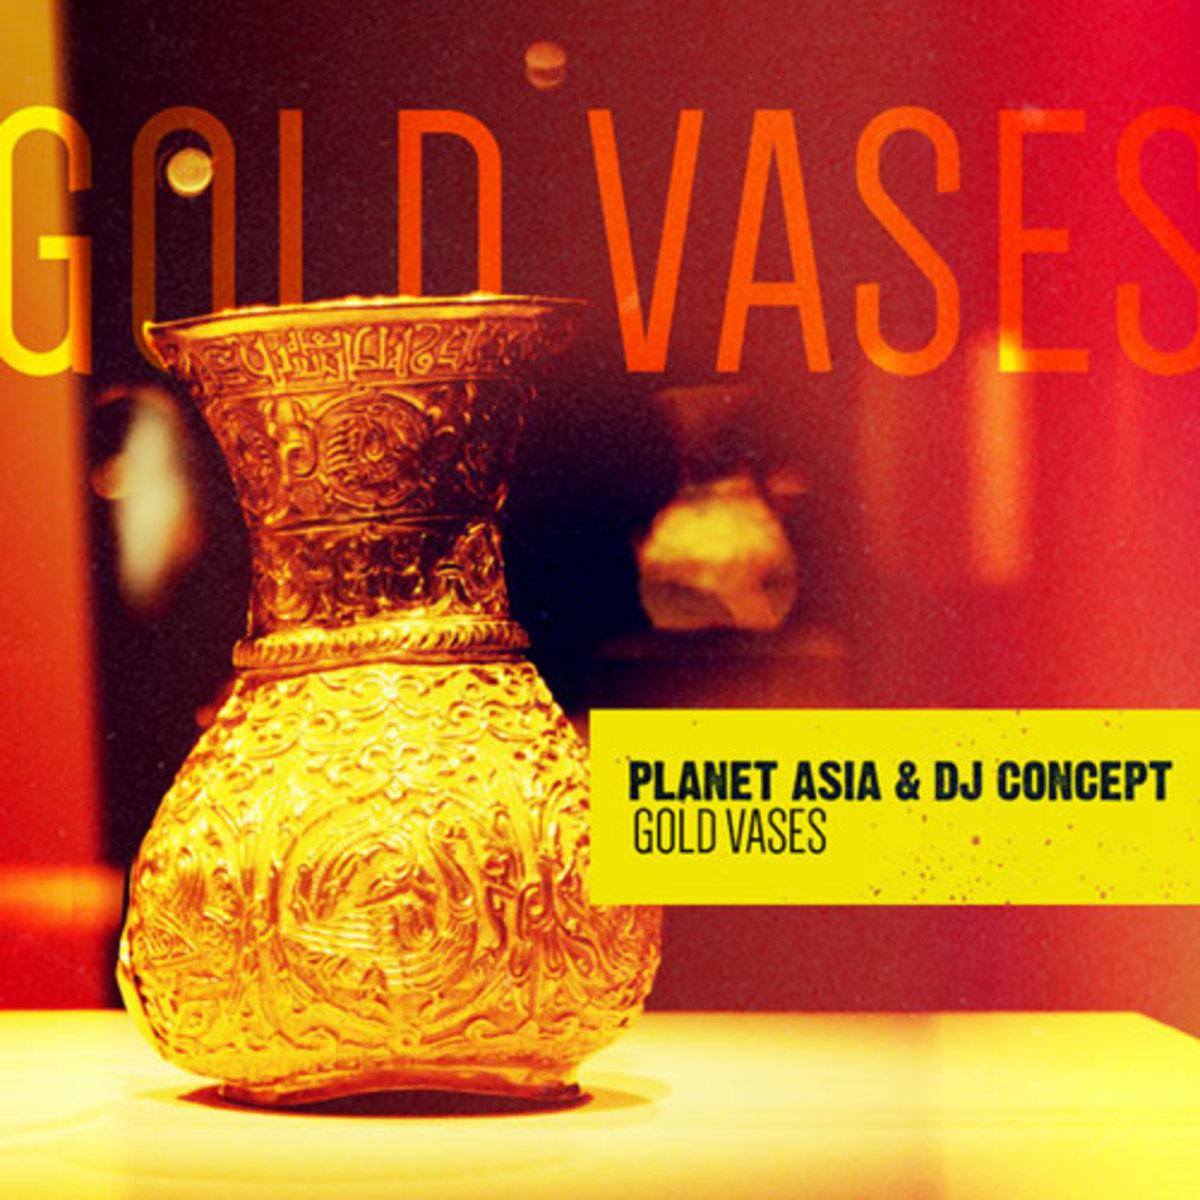 planet-asia-gold-vases.jpg